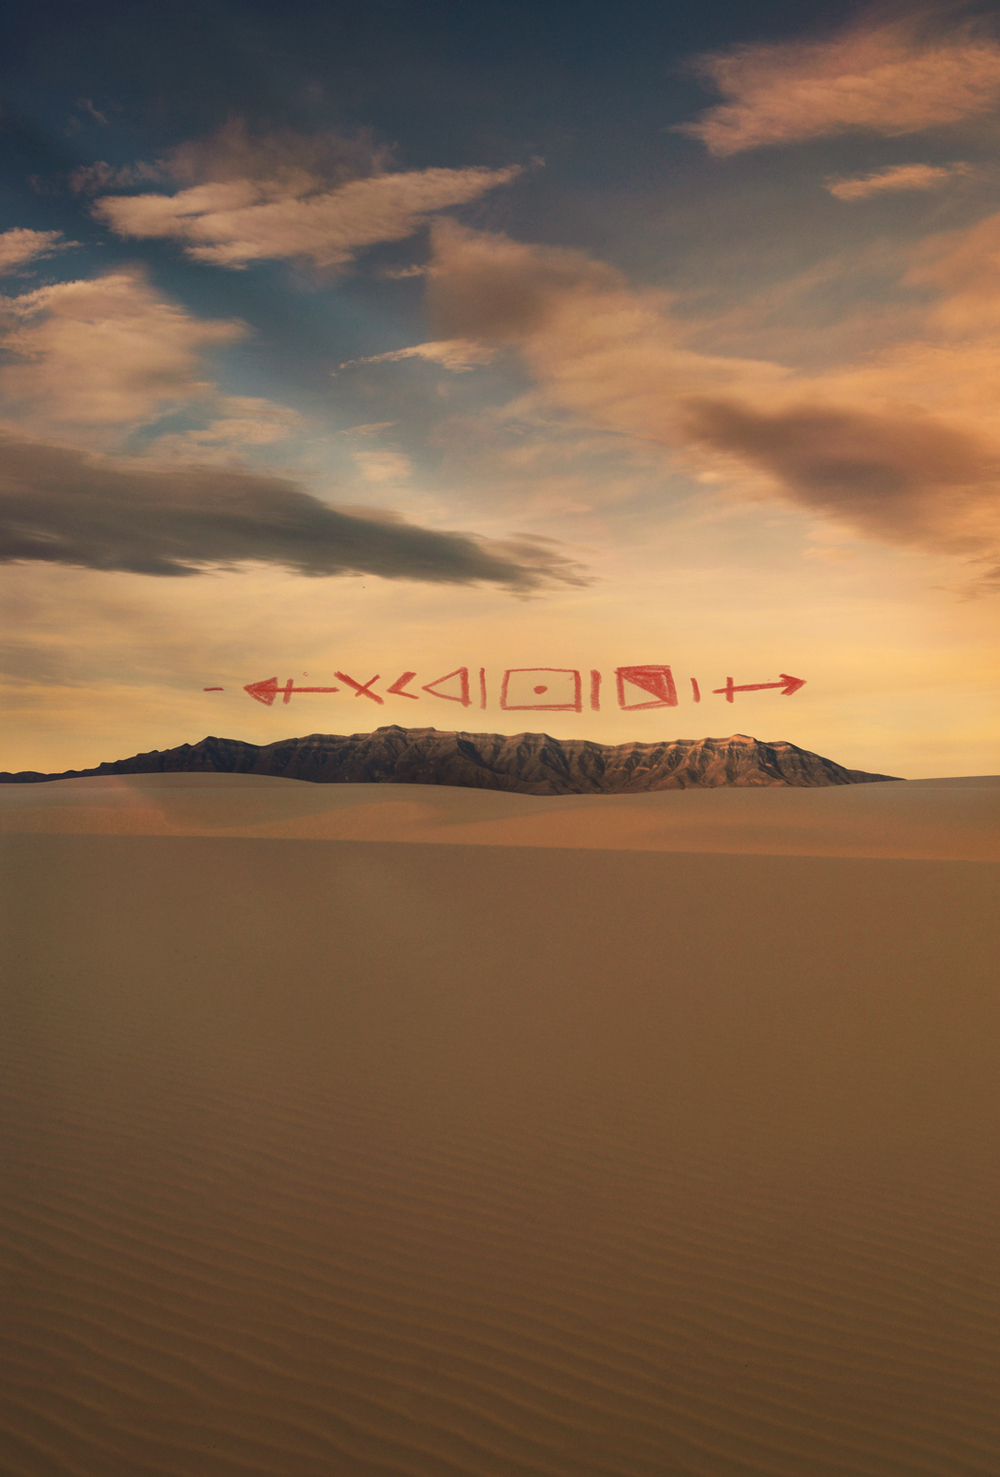 distant-mountain-dune-doodle-best.jpg